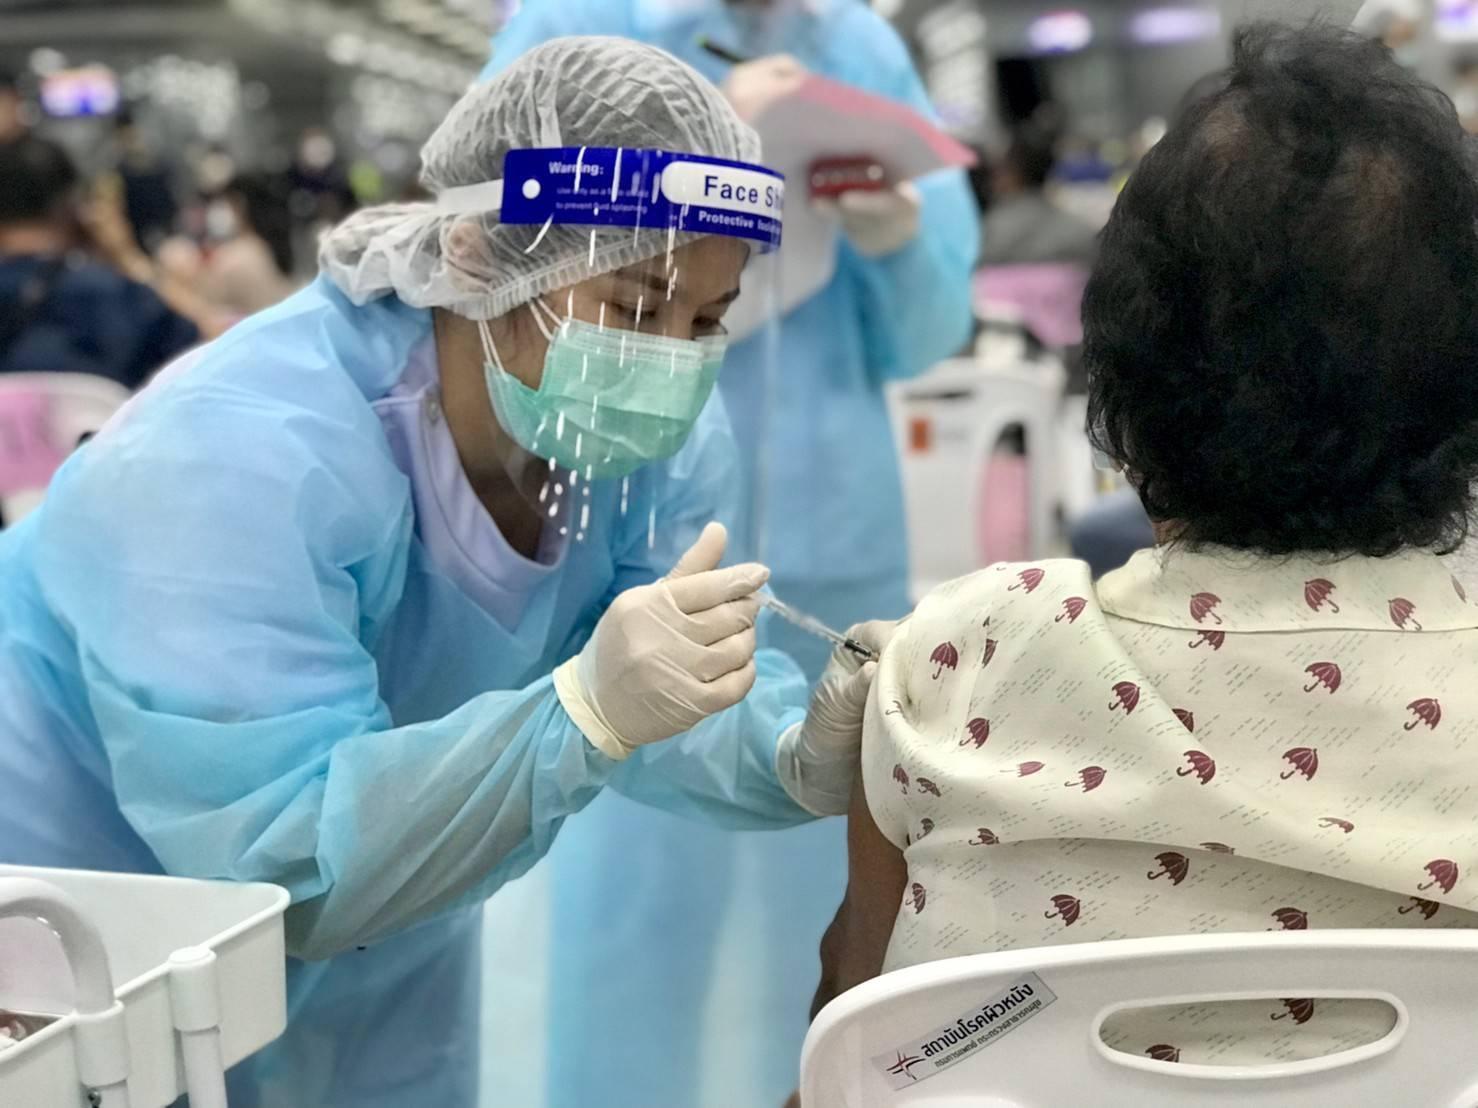 แอสตร้าเซนเนก้า แนะให้ฉีดห่างจากวัคซีนอื่น 2 สัปดาห์ป้องกันทำปฏิกิริยา